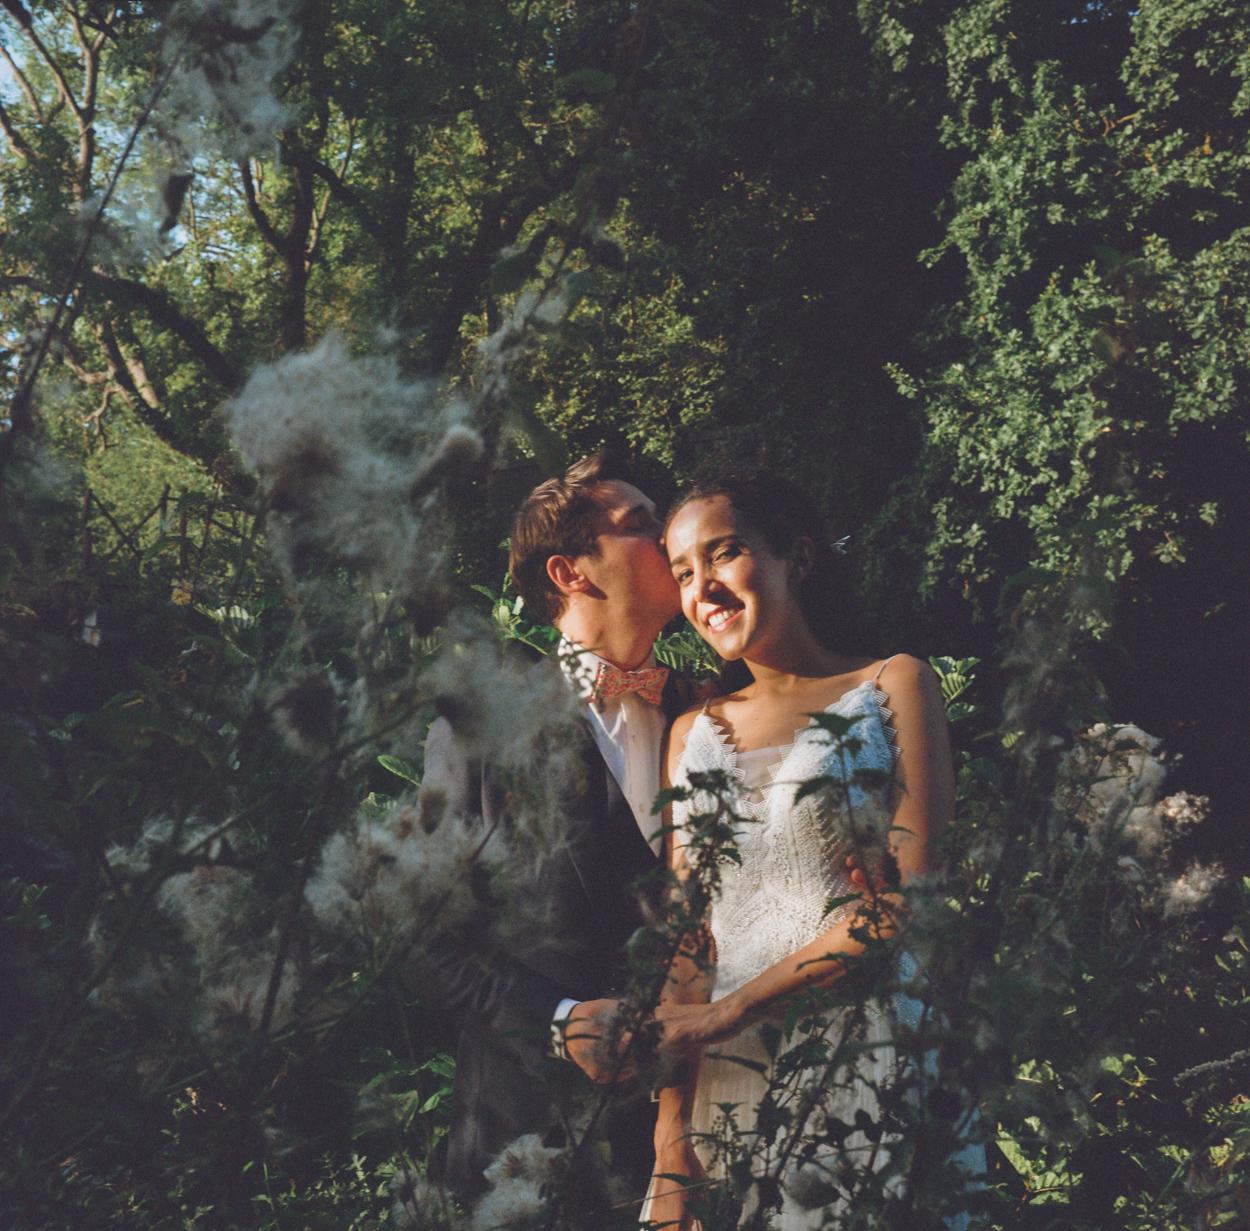 séance couple étang chateau de morbecque